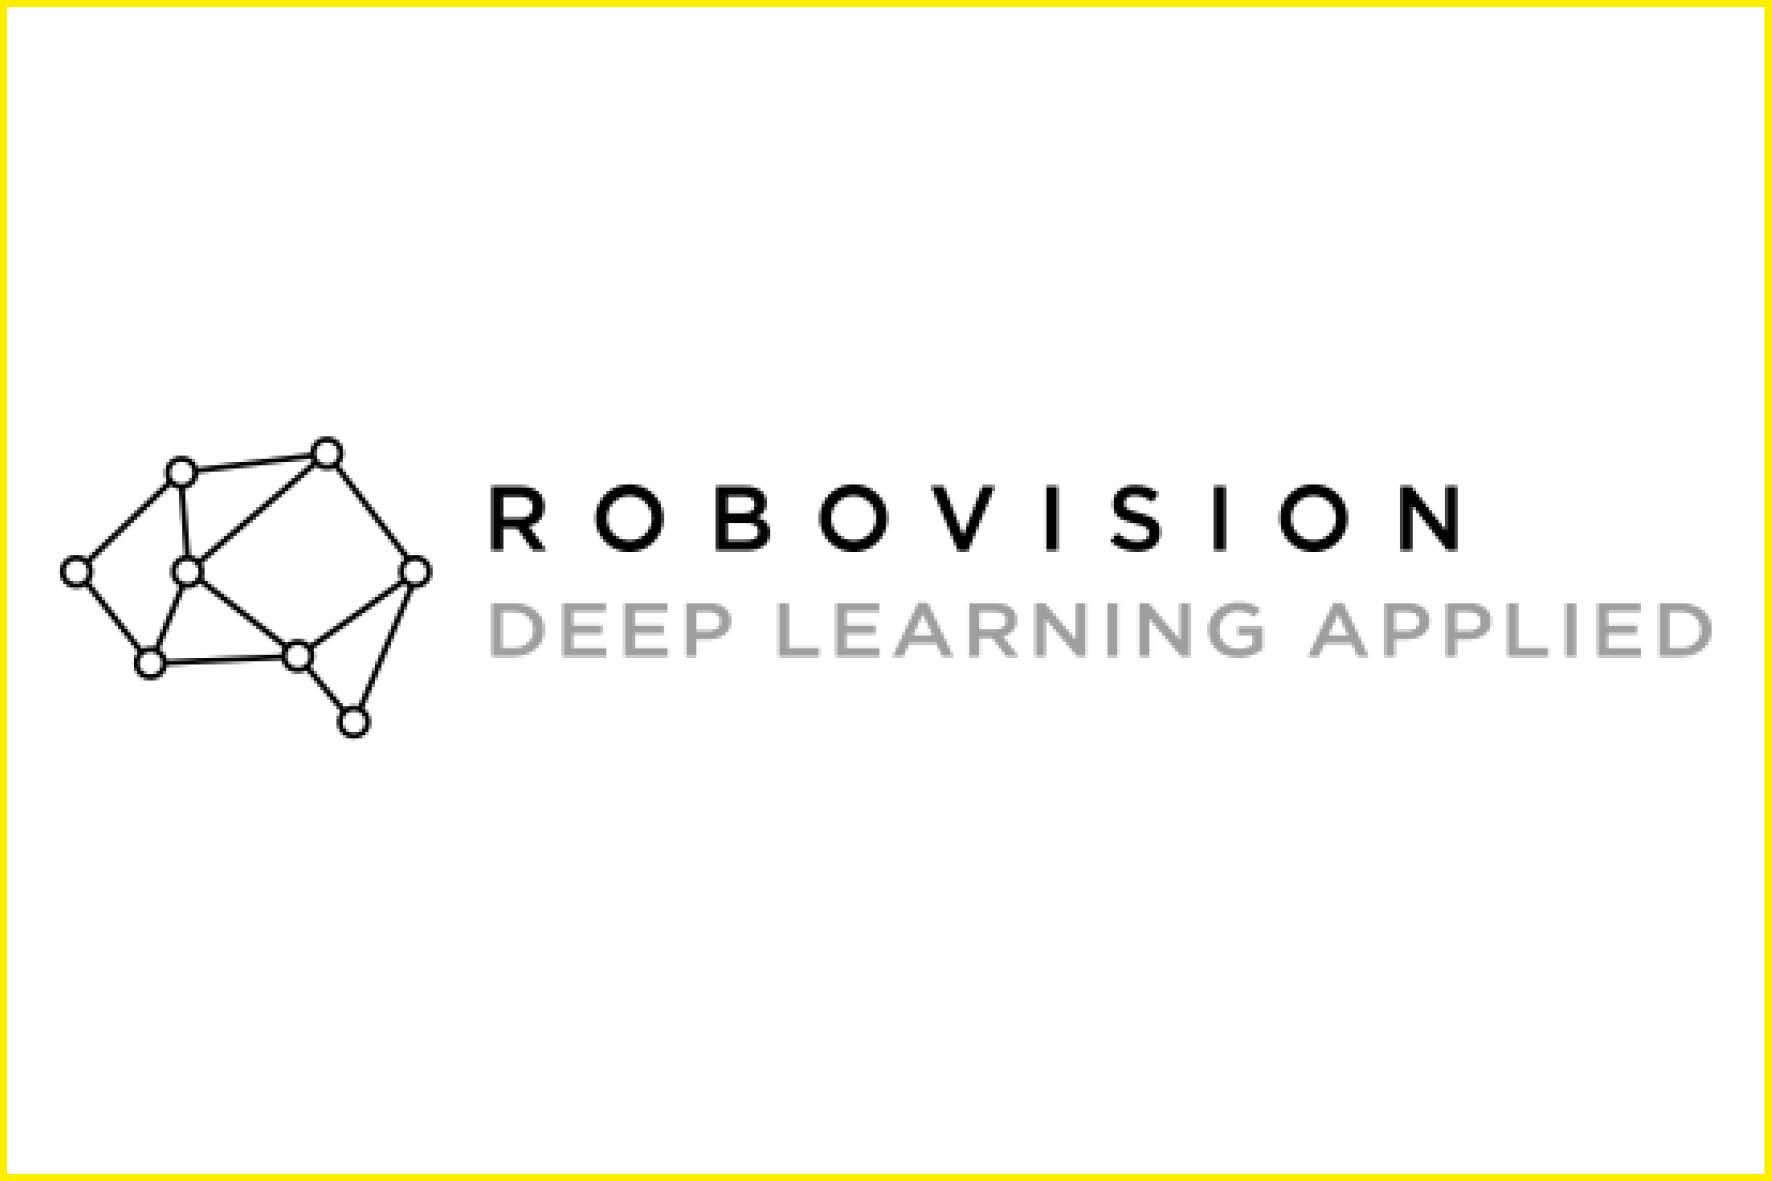 mark-com-event-robovision-logo